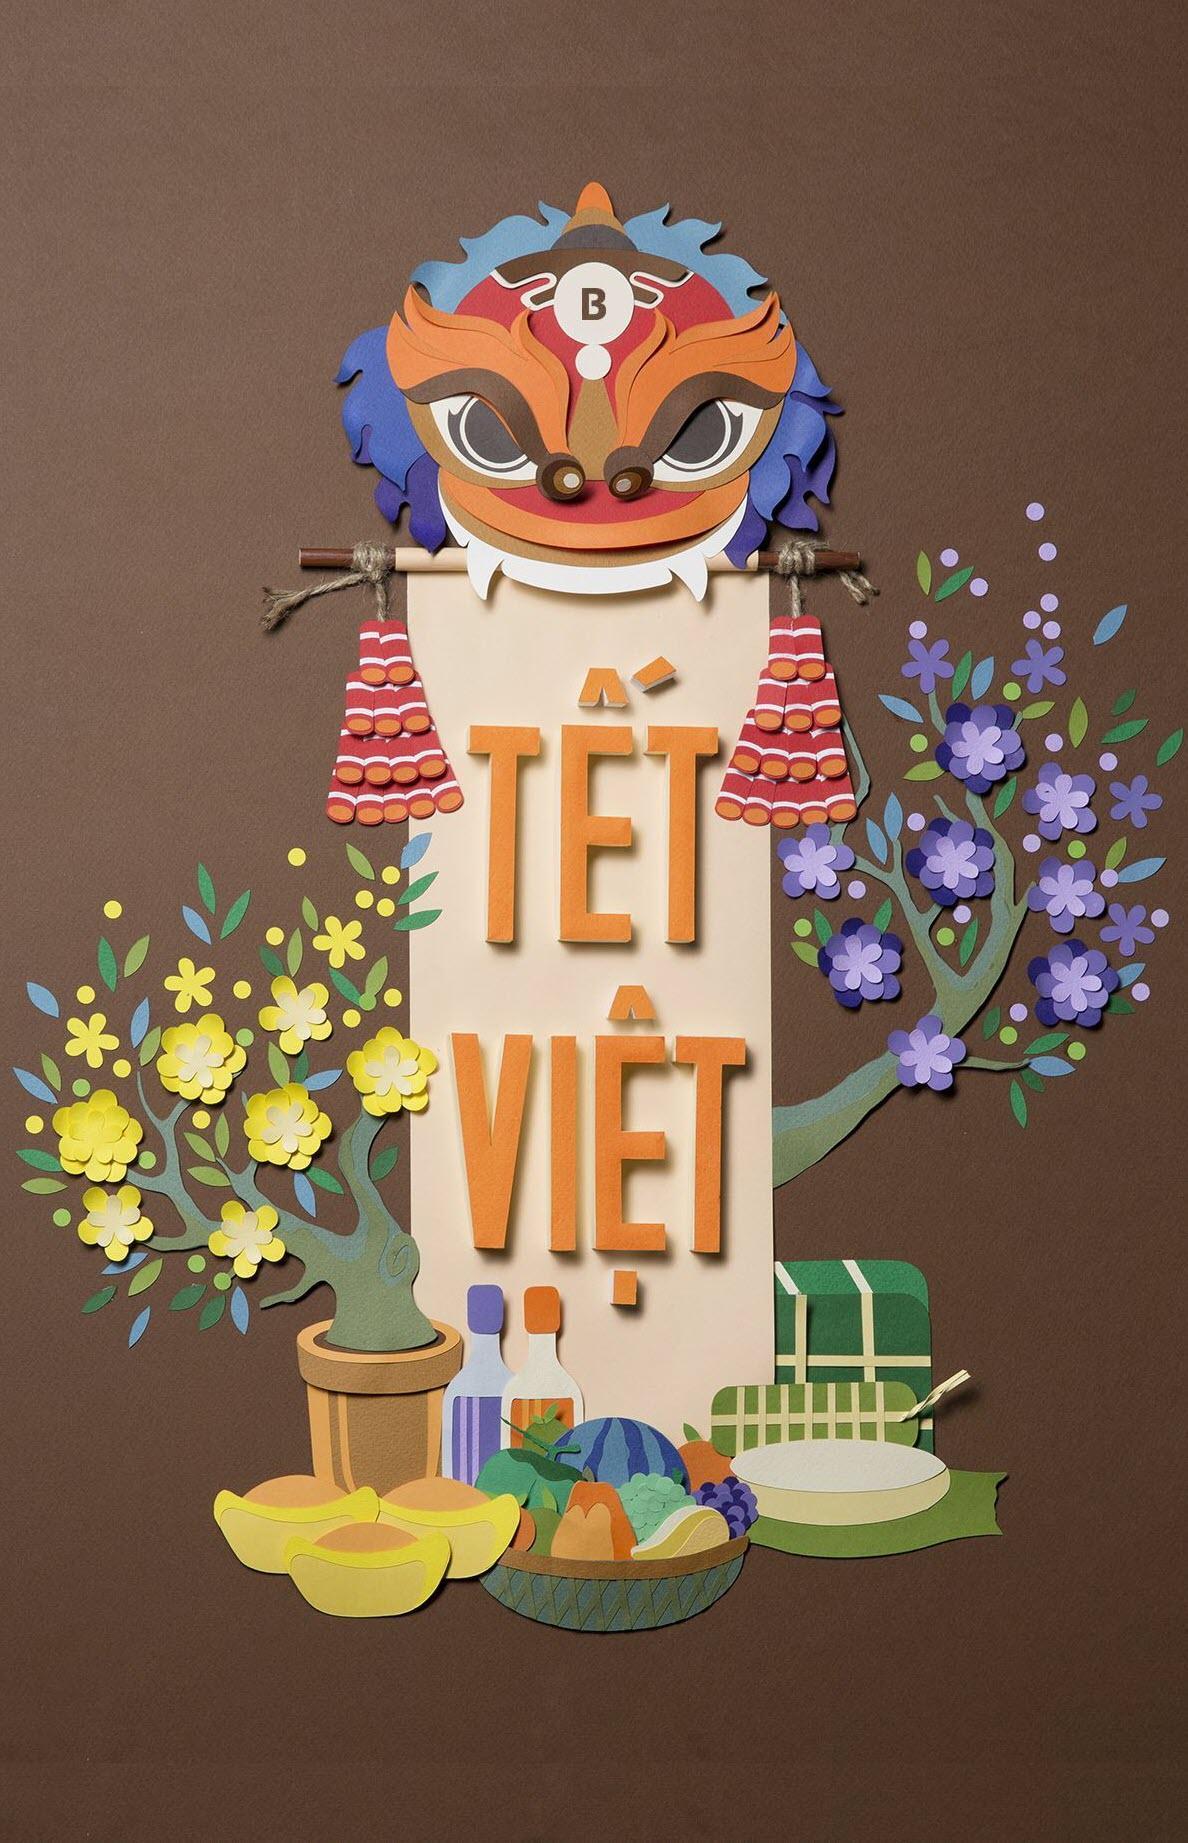 Hình nền điện thoại Tết Việt